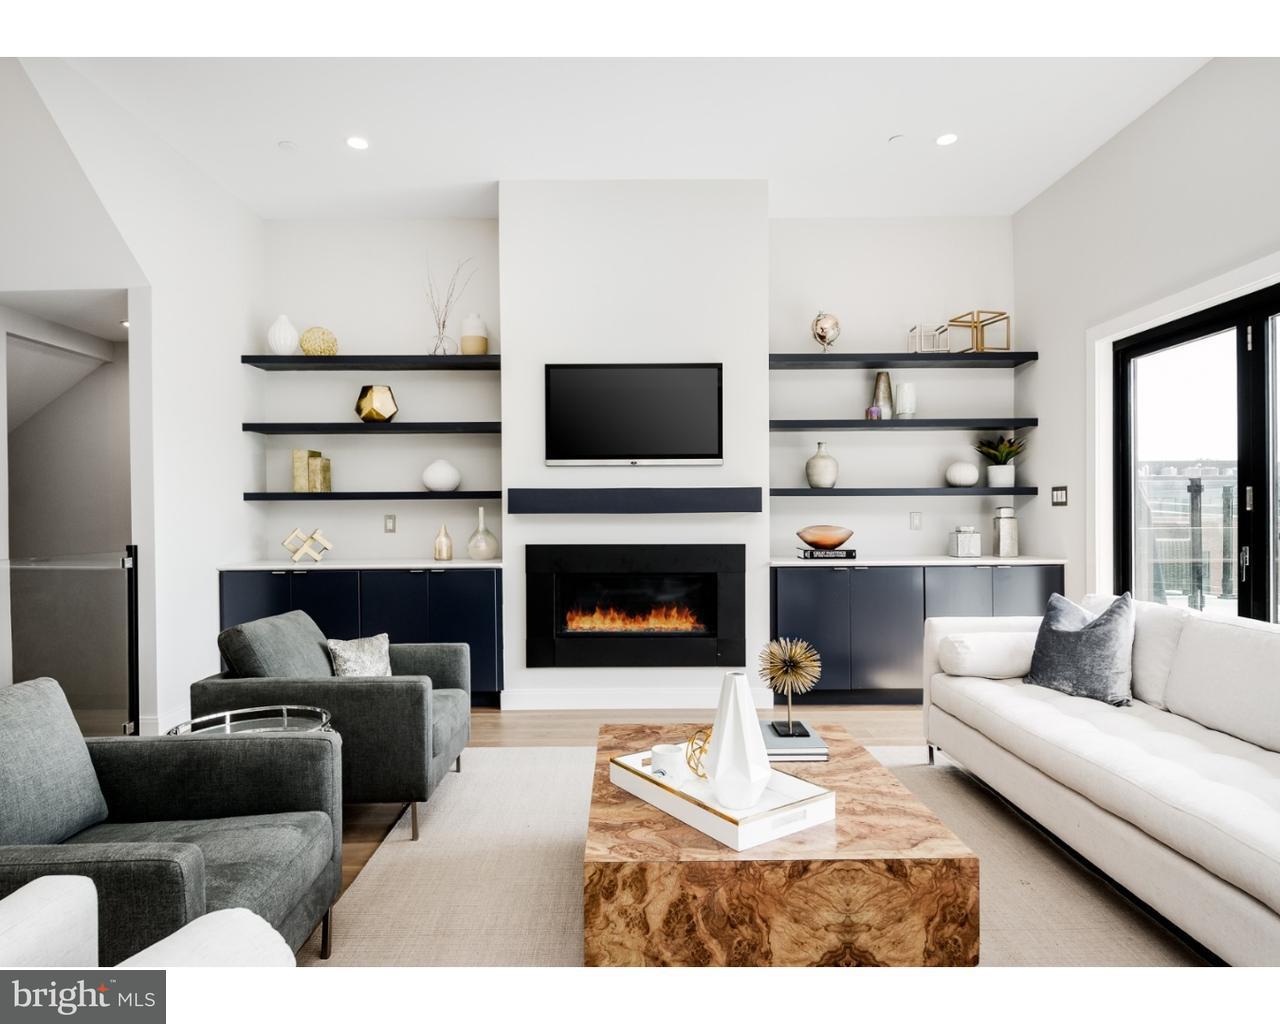 Μονοκατοικία για την Πώληση στο 4590 SILVERWOOD Street Philadelphia, Πενσιλβανια 19127 Ηνωμενεσ Πολιτειεσ